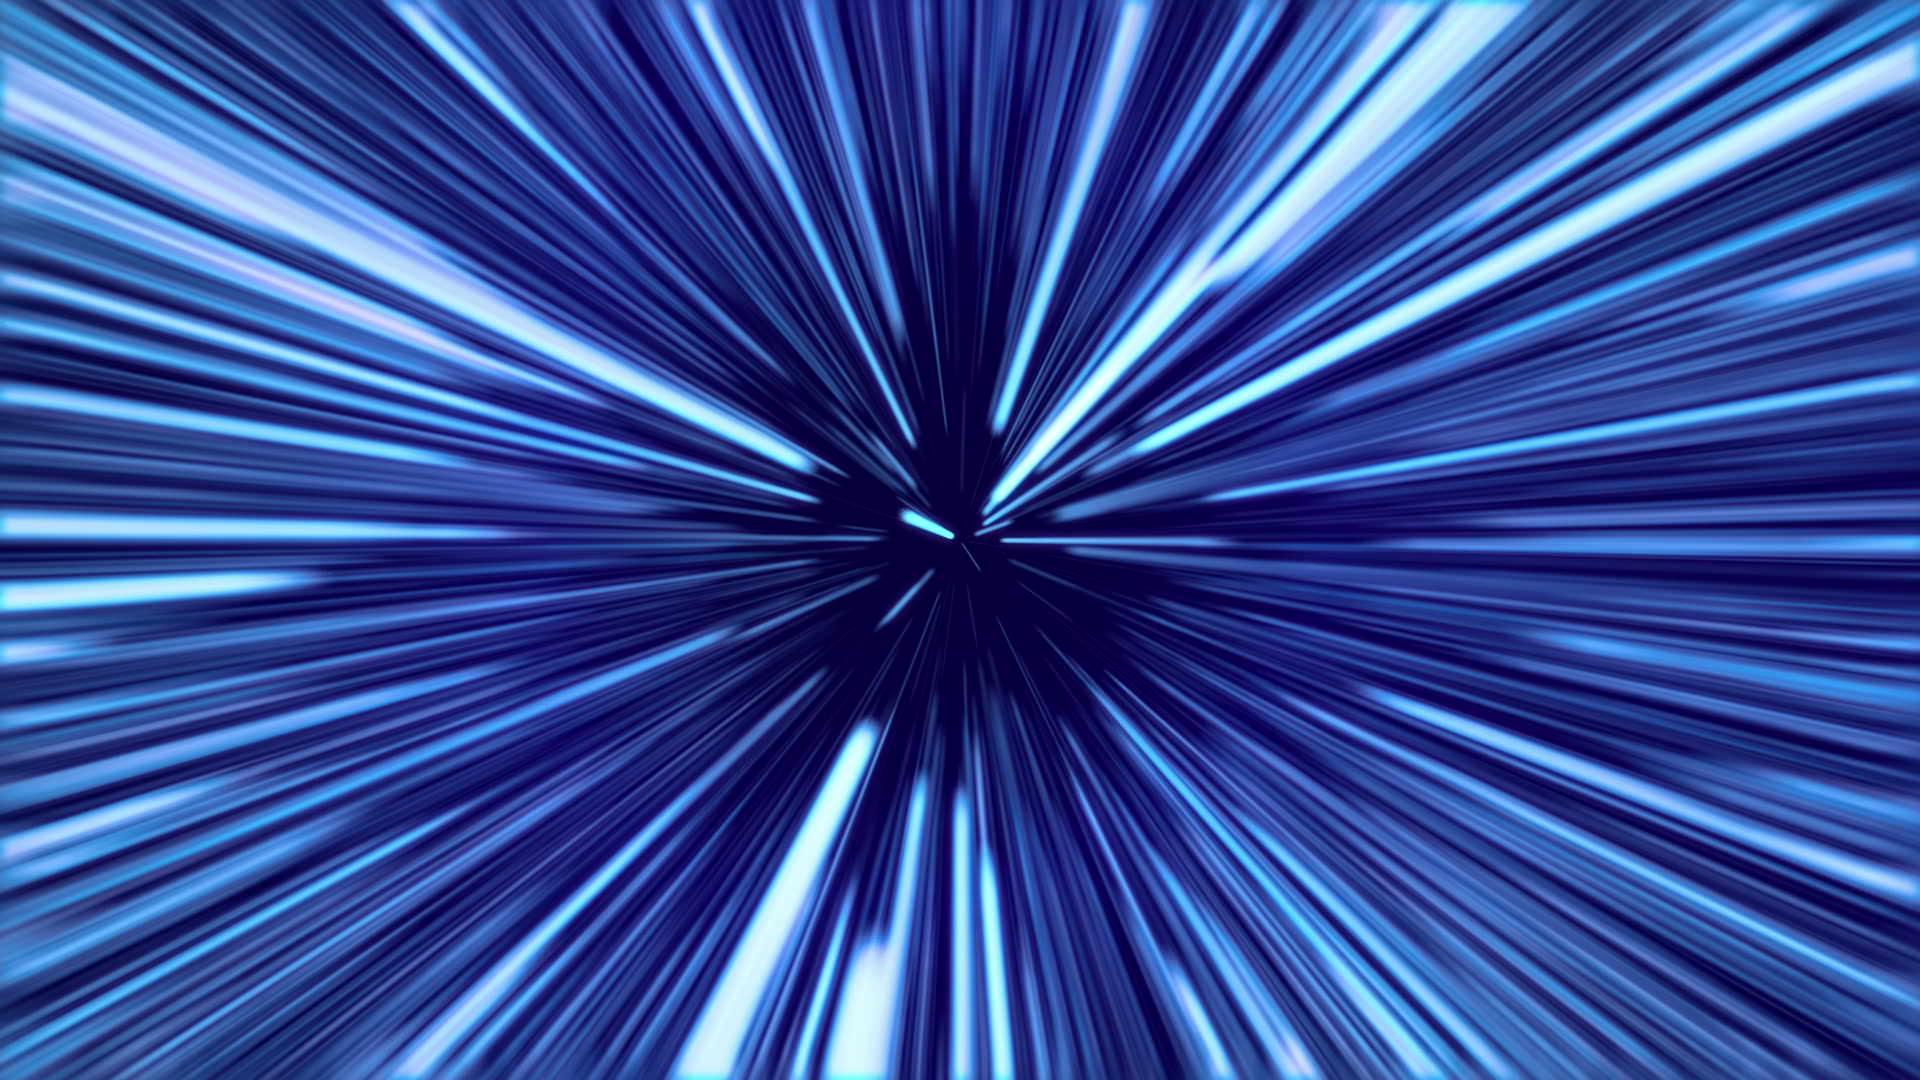 Hyperspace 3d Live Wallpaper Travel At Light Speed Blue Wpfaster